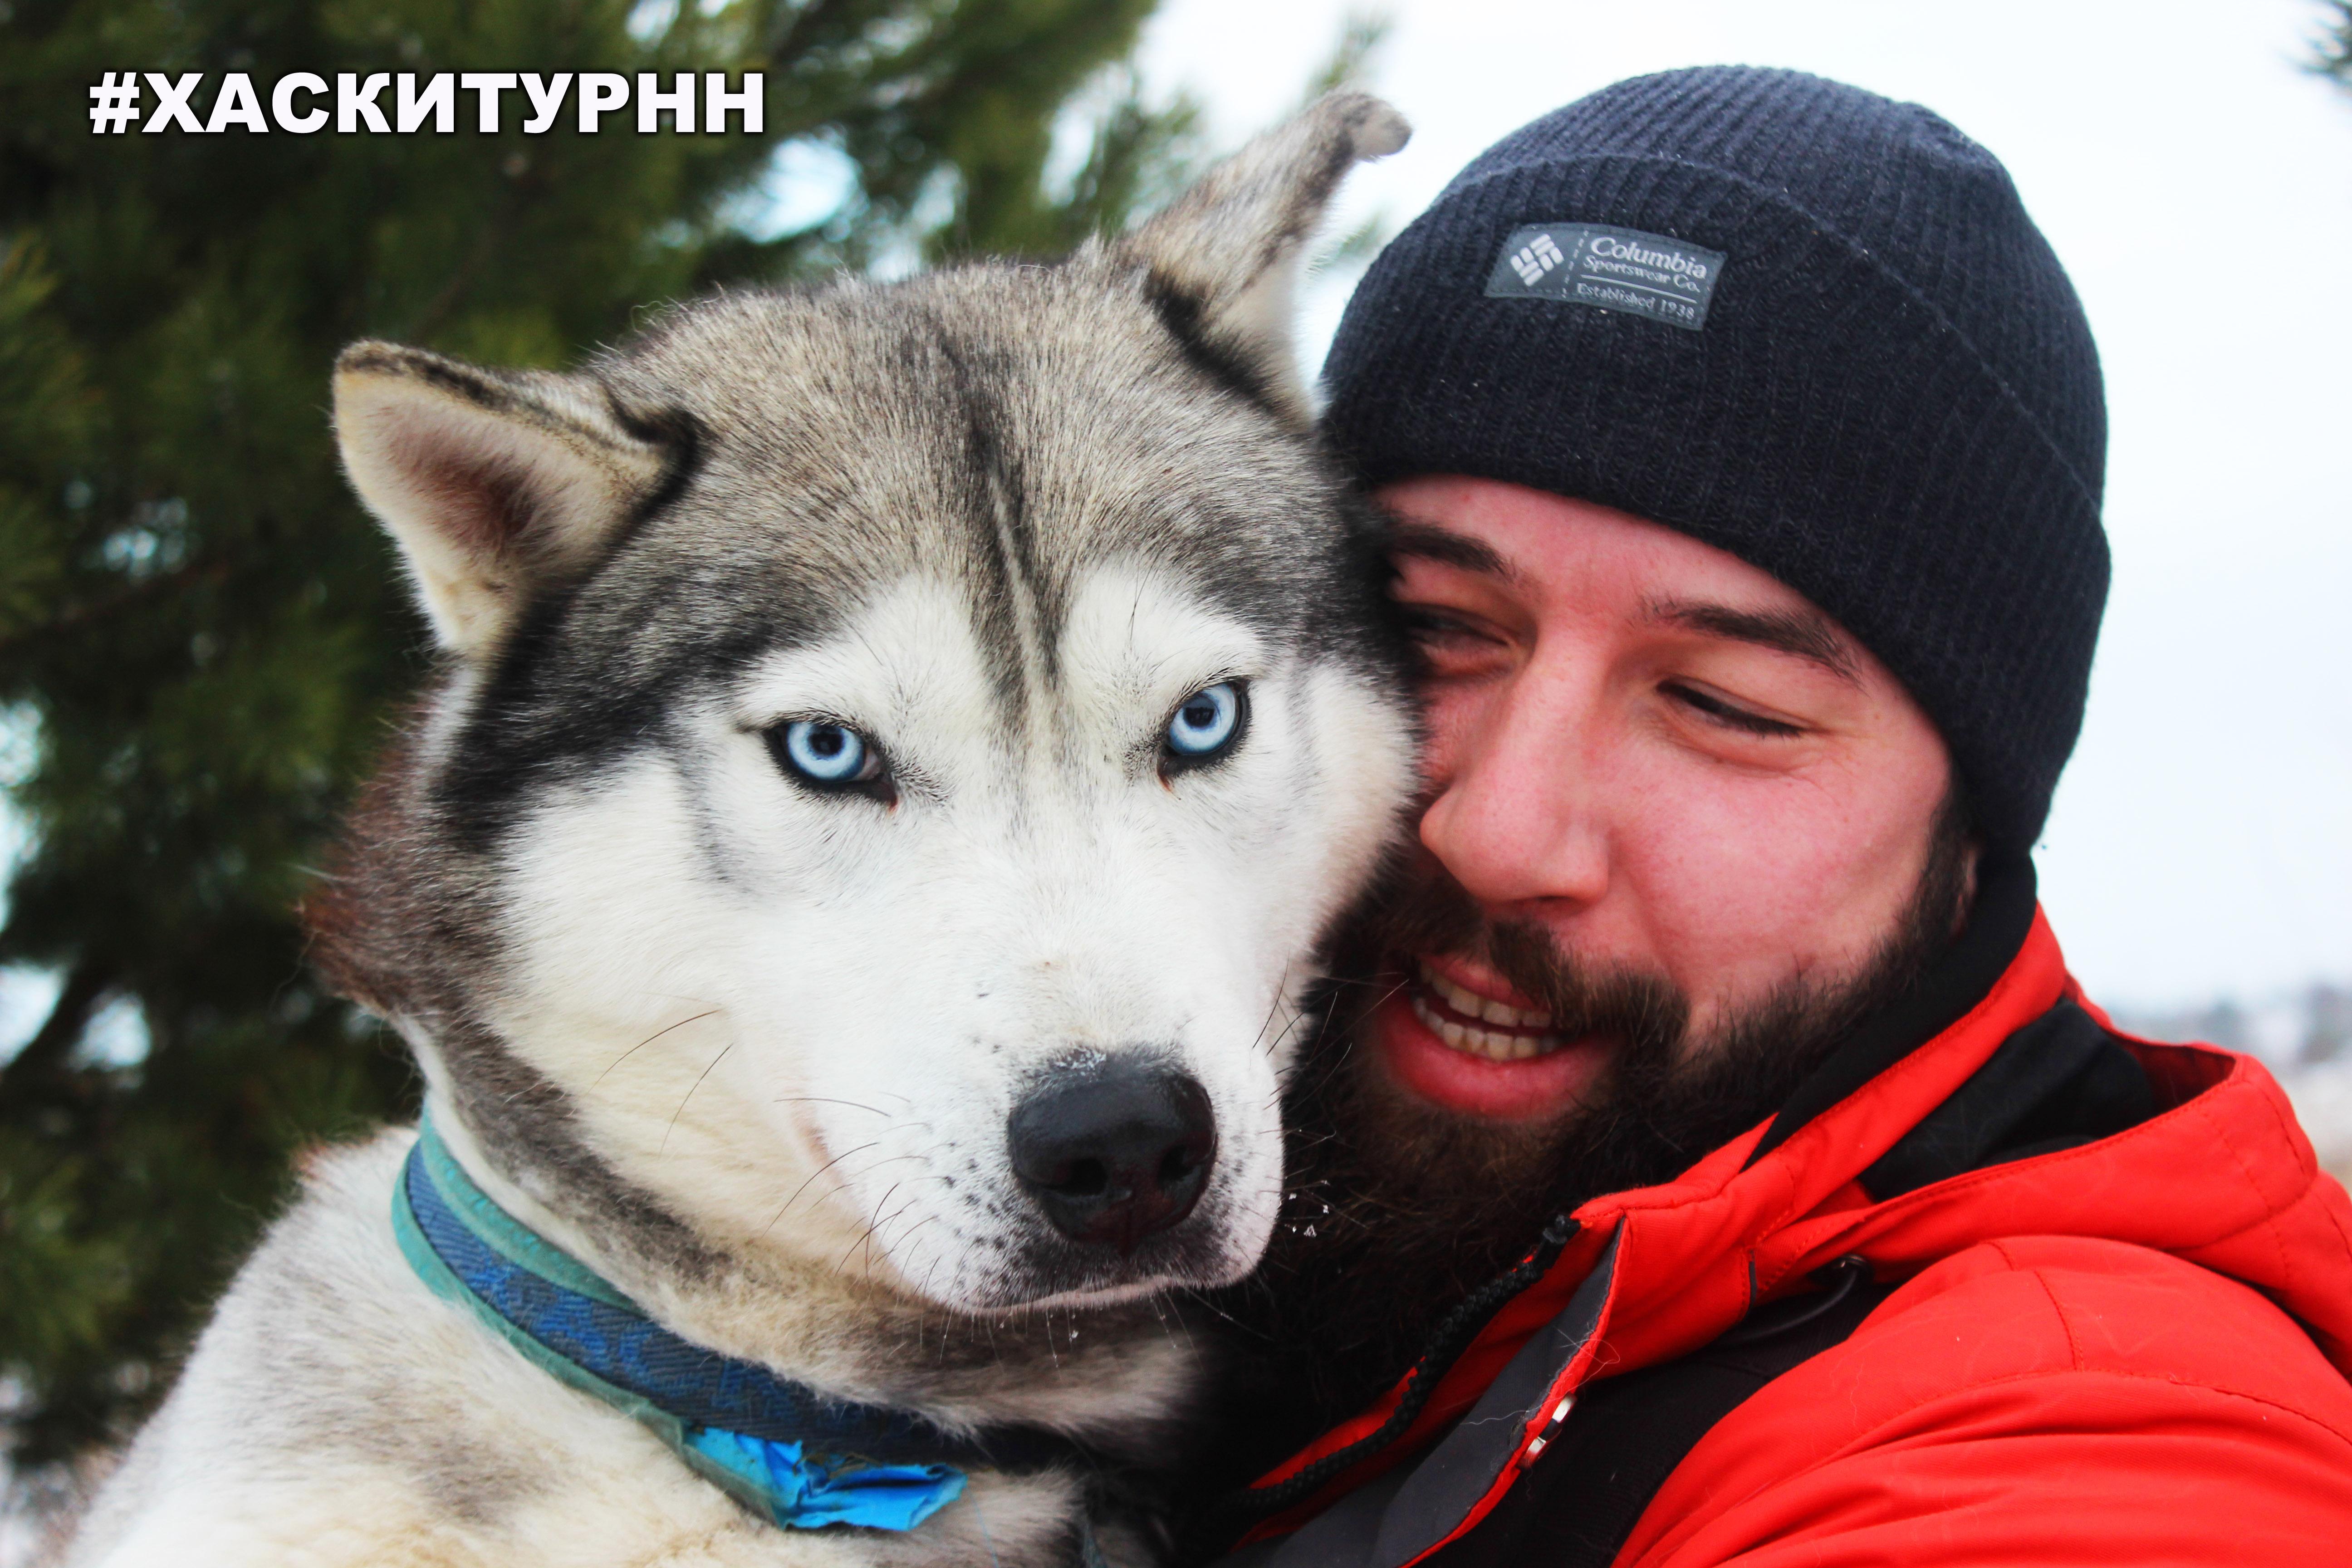 Хаски-тур из Нижнего Новгорода